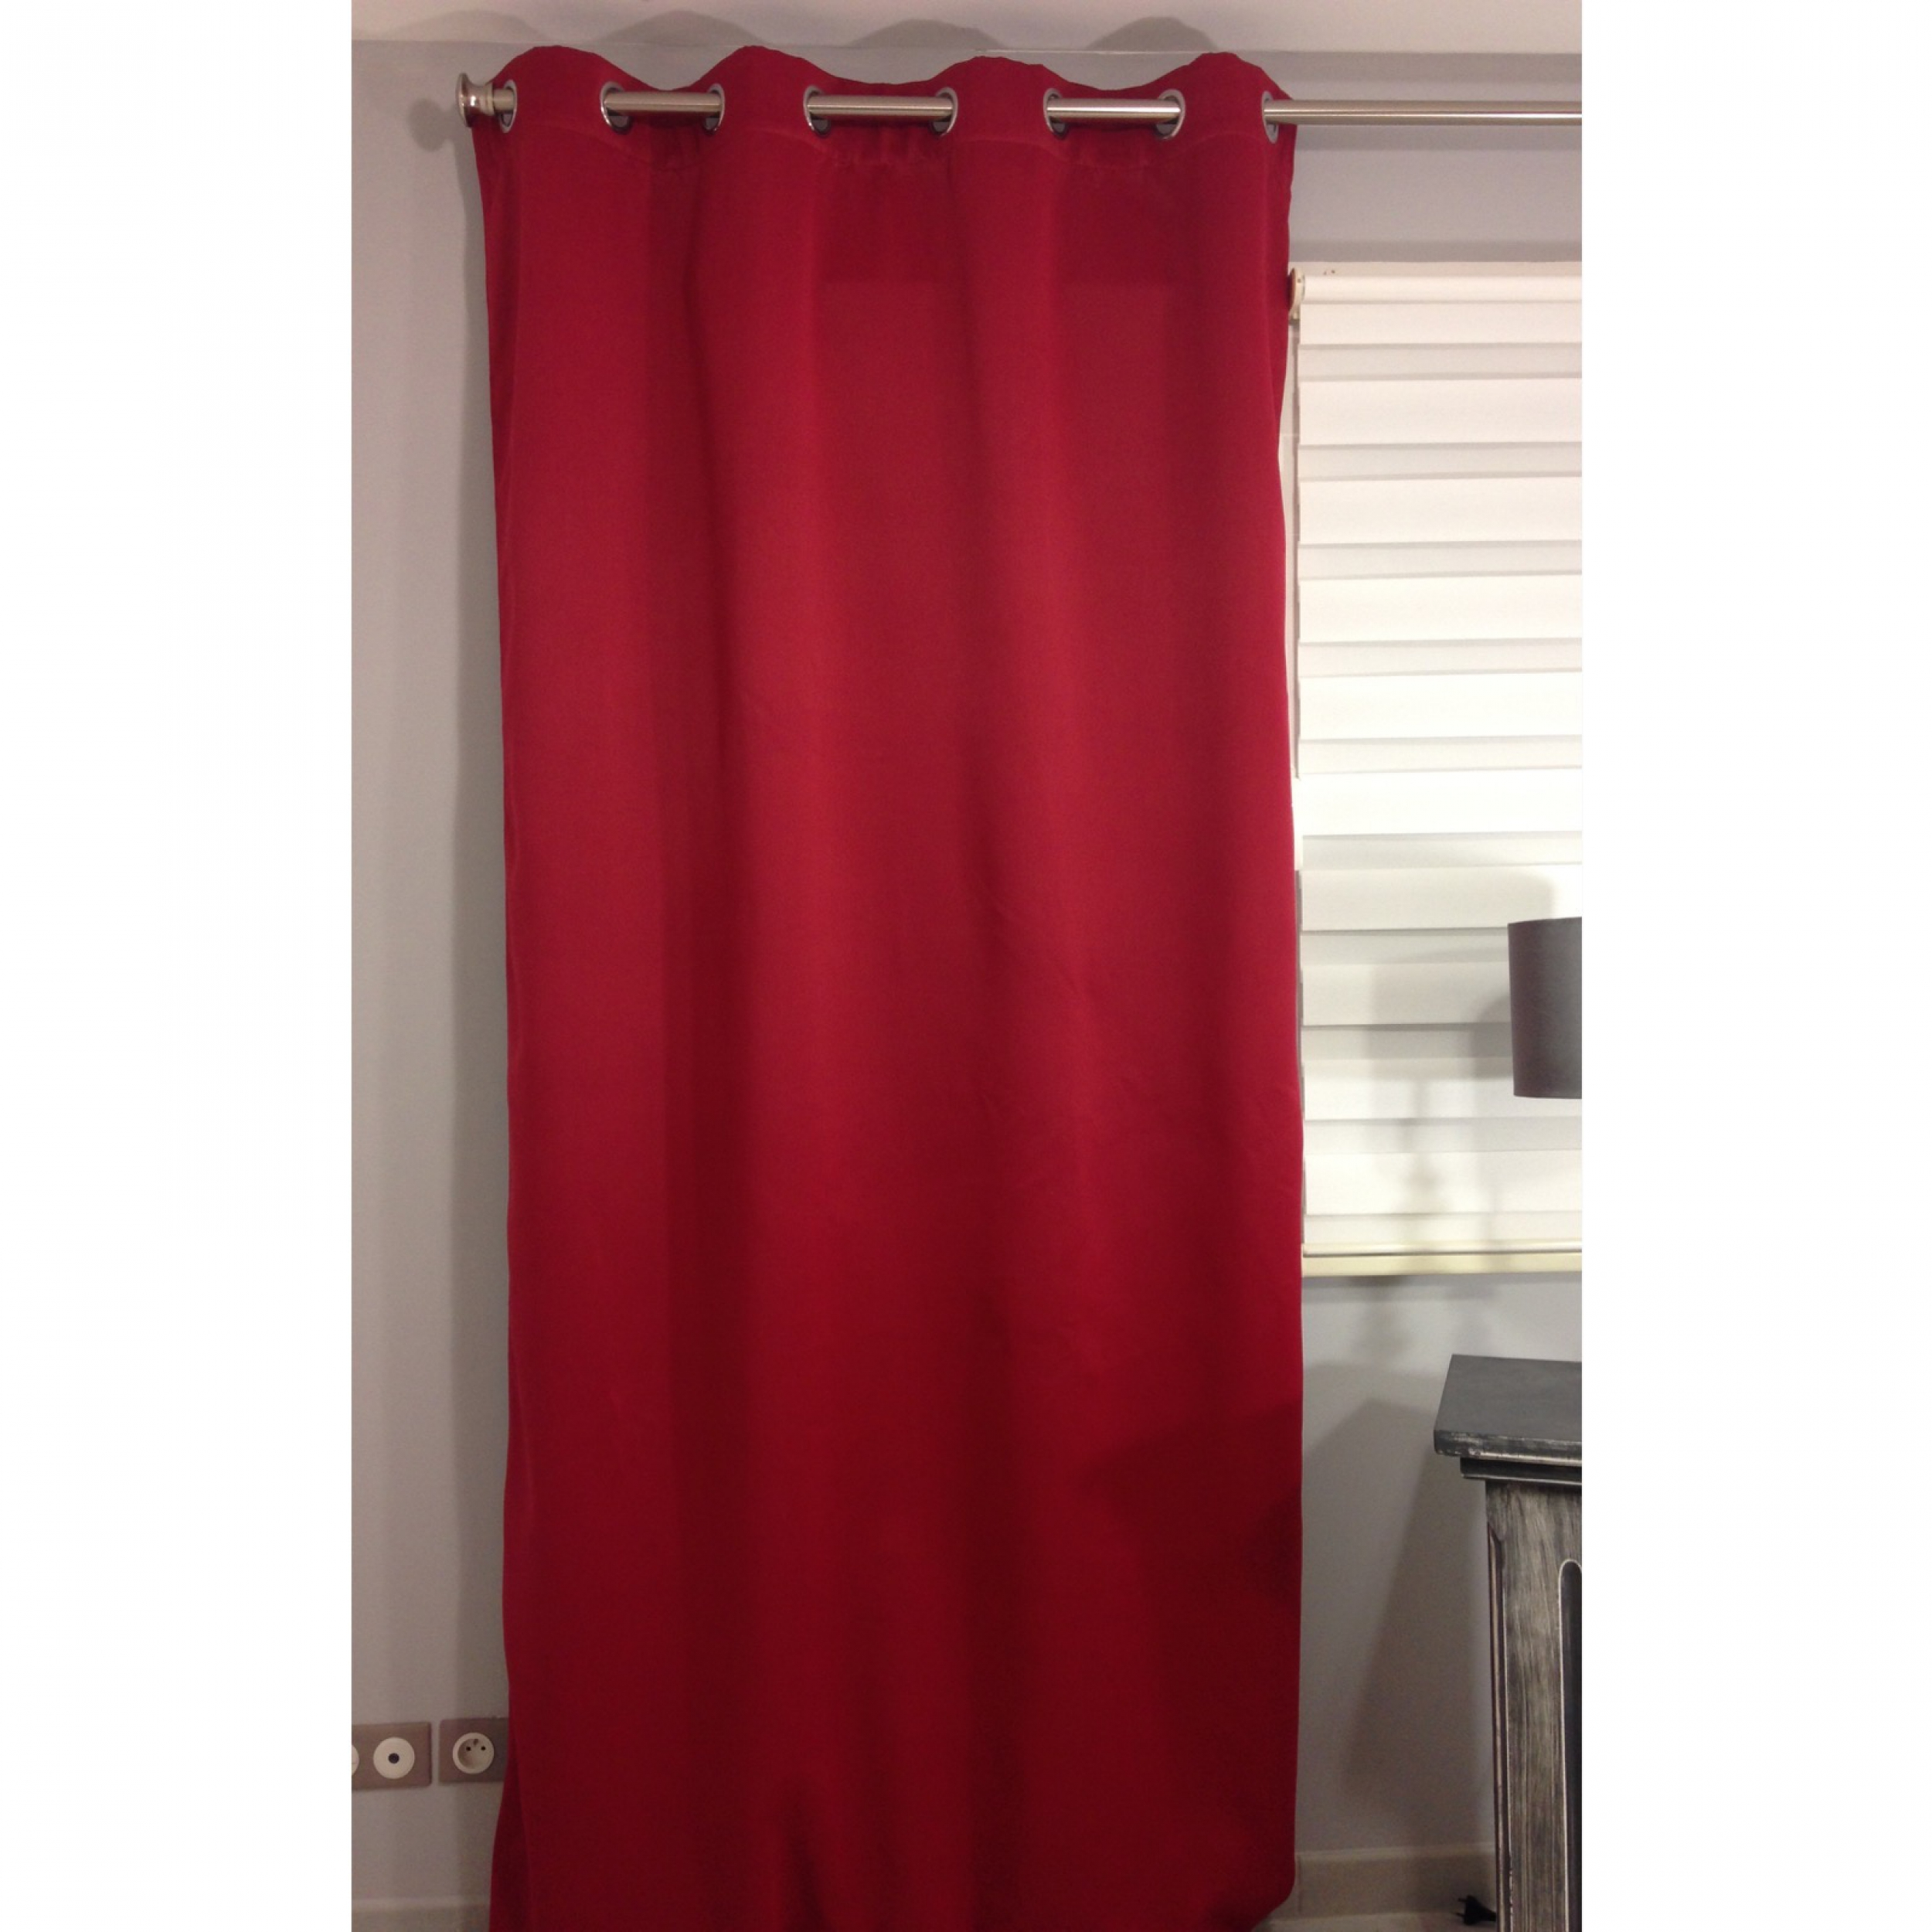 Rideau isolant thermique et phonique occultant uni breeze rouge 140 x 260 cm l 39 atelier de la - Rideaux isolant thermique ...